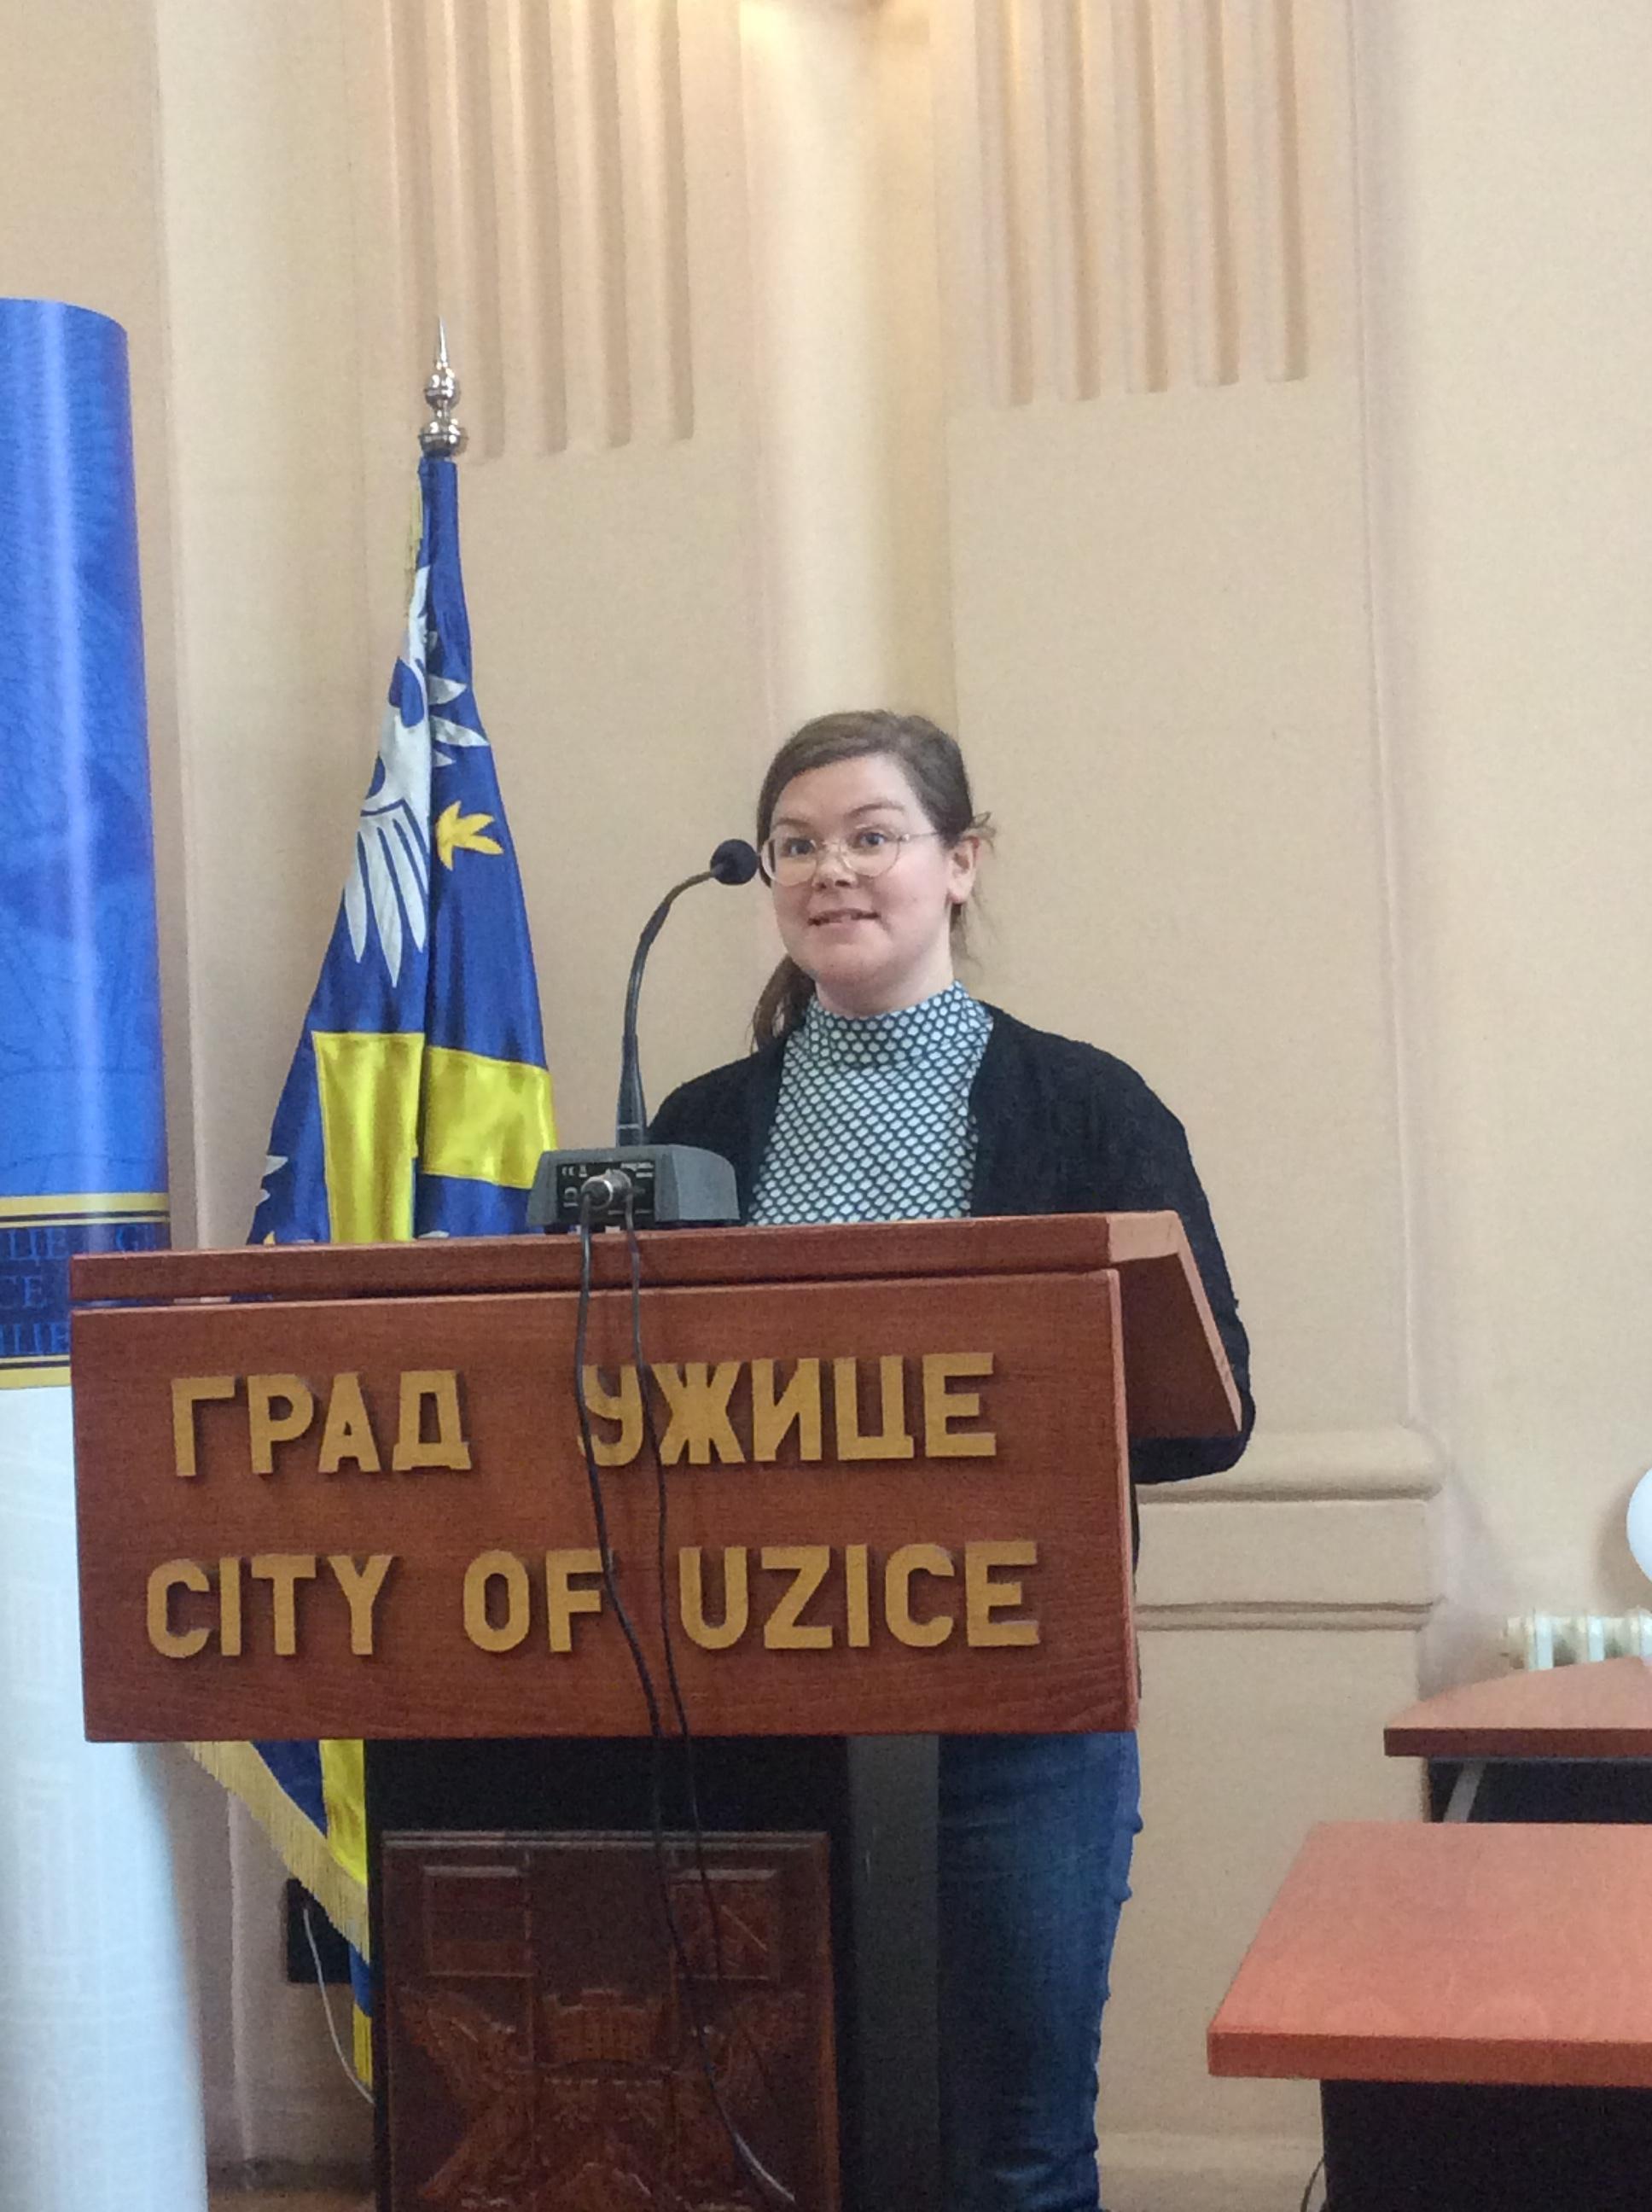 Ana Svedska